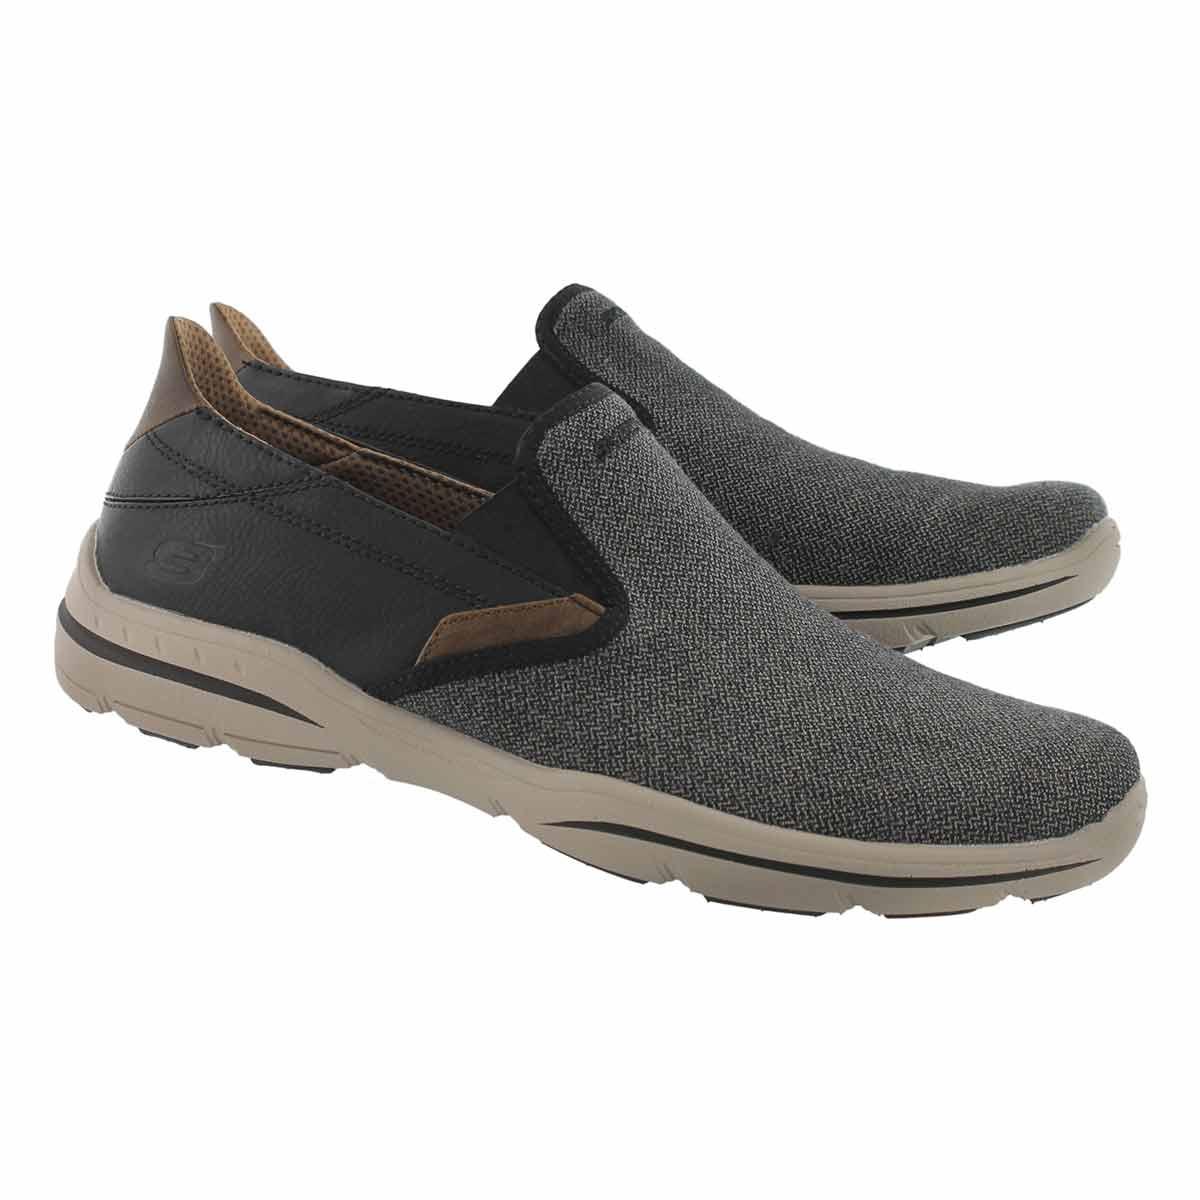 Mns Harper Trefton bk/tn slip on shoe